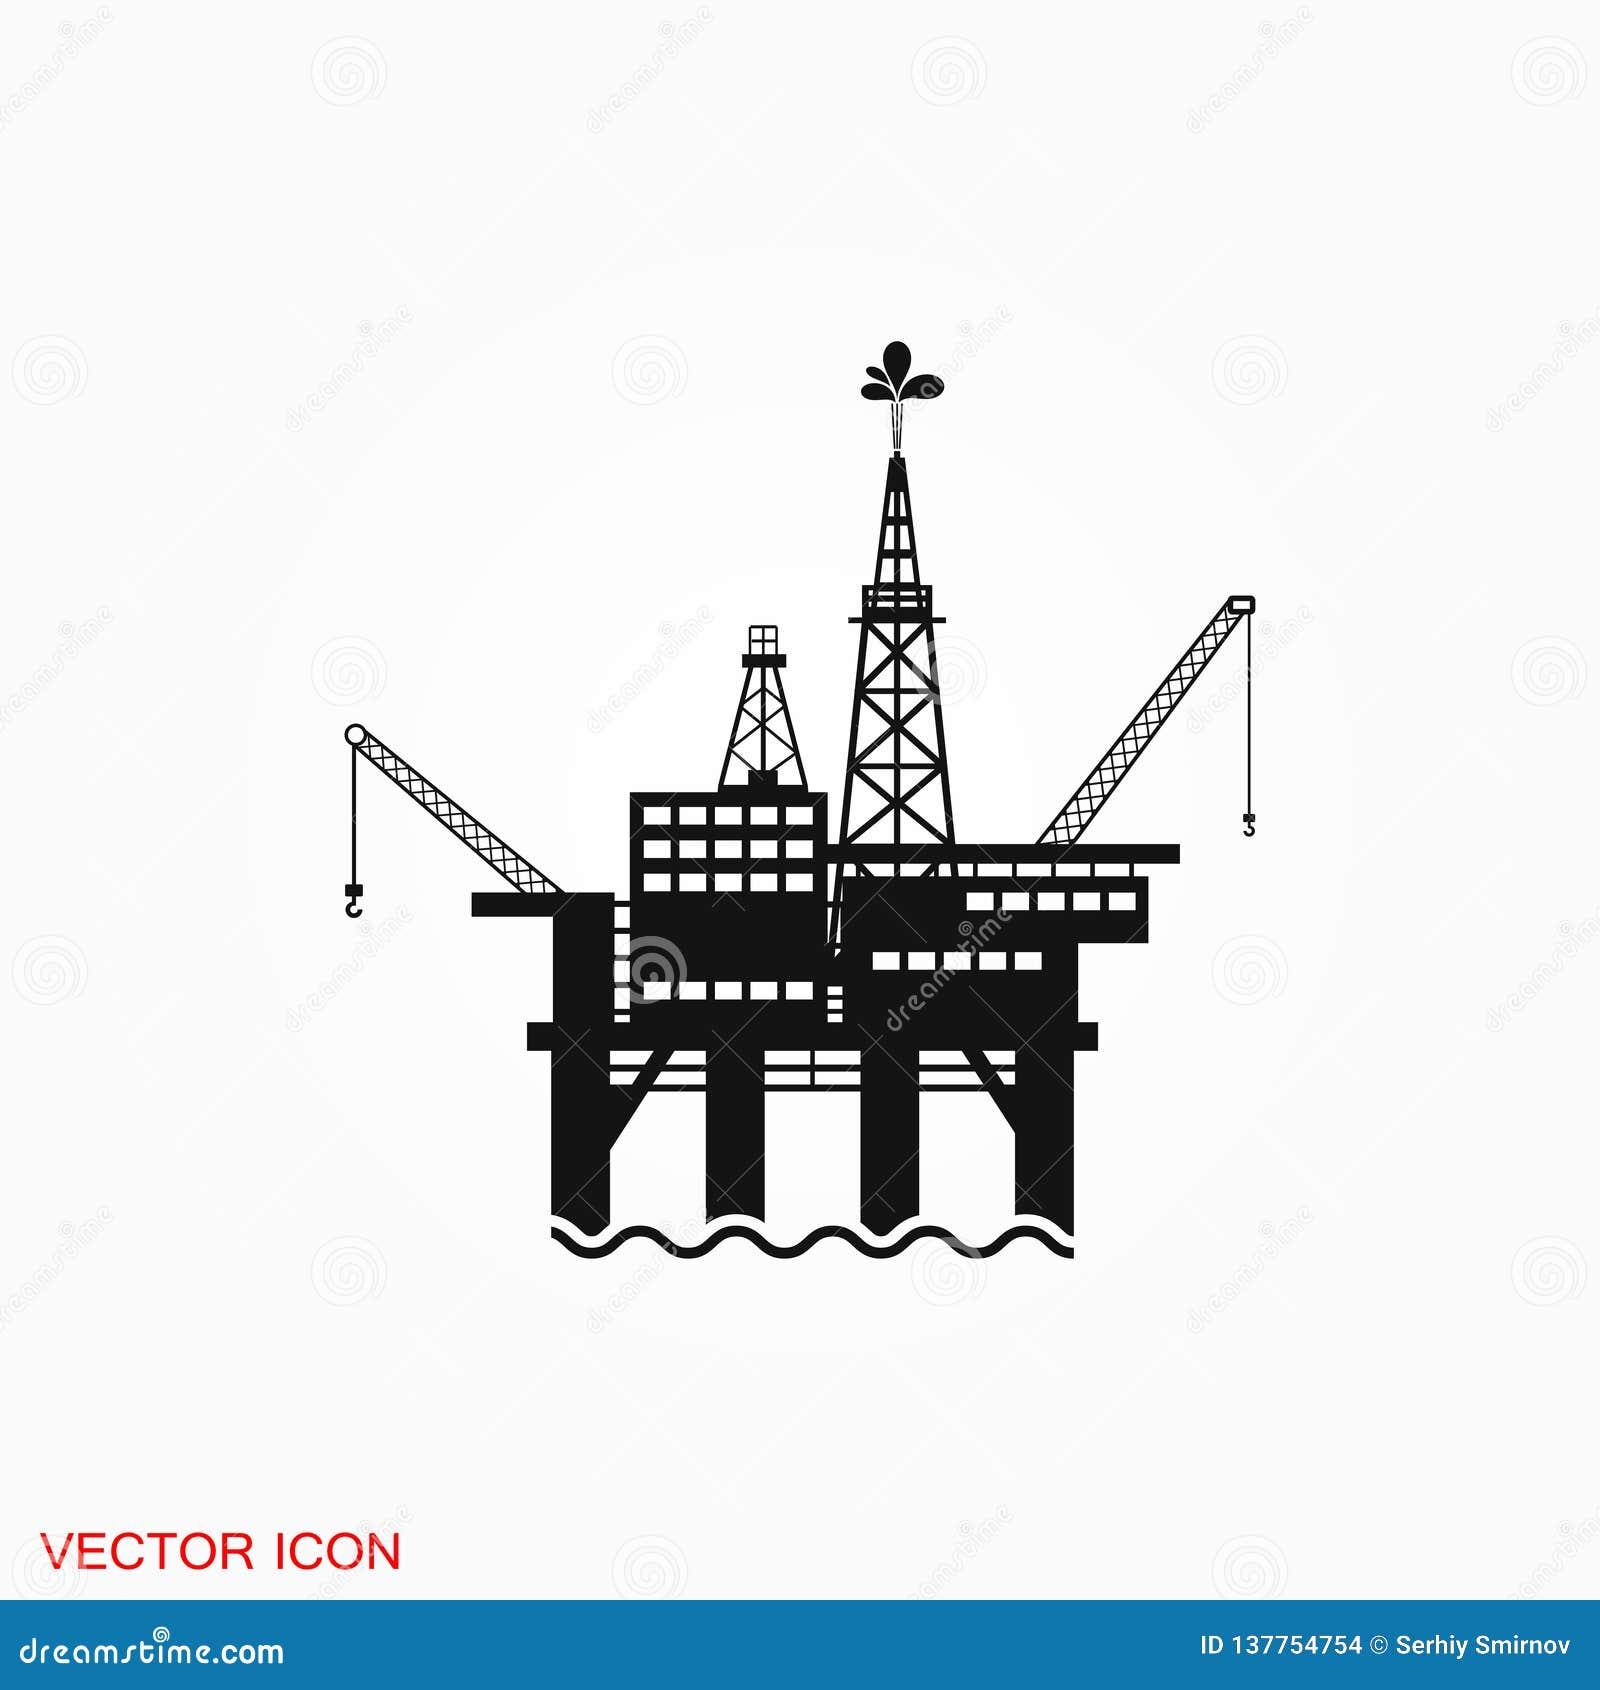 Oil platform iconfuel production logo, illustration, sign symbol for design